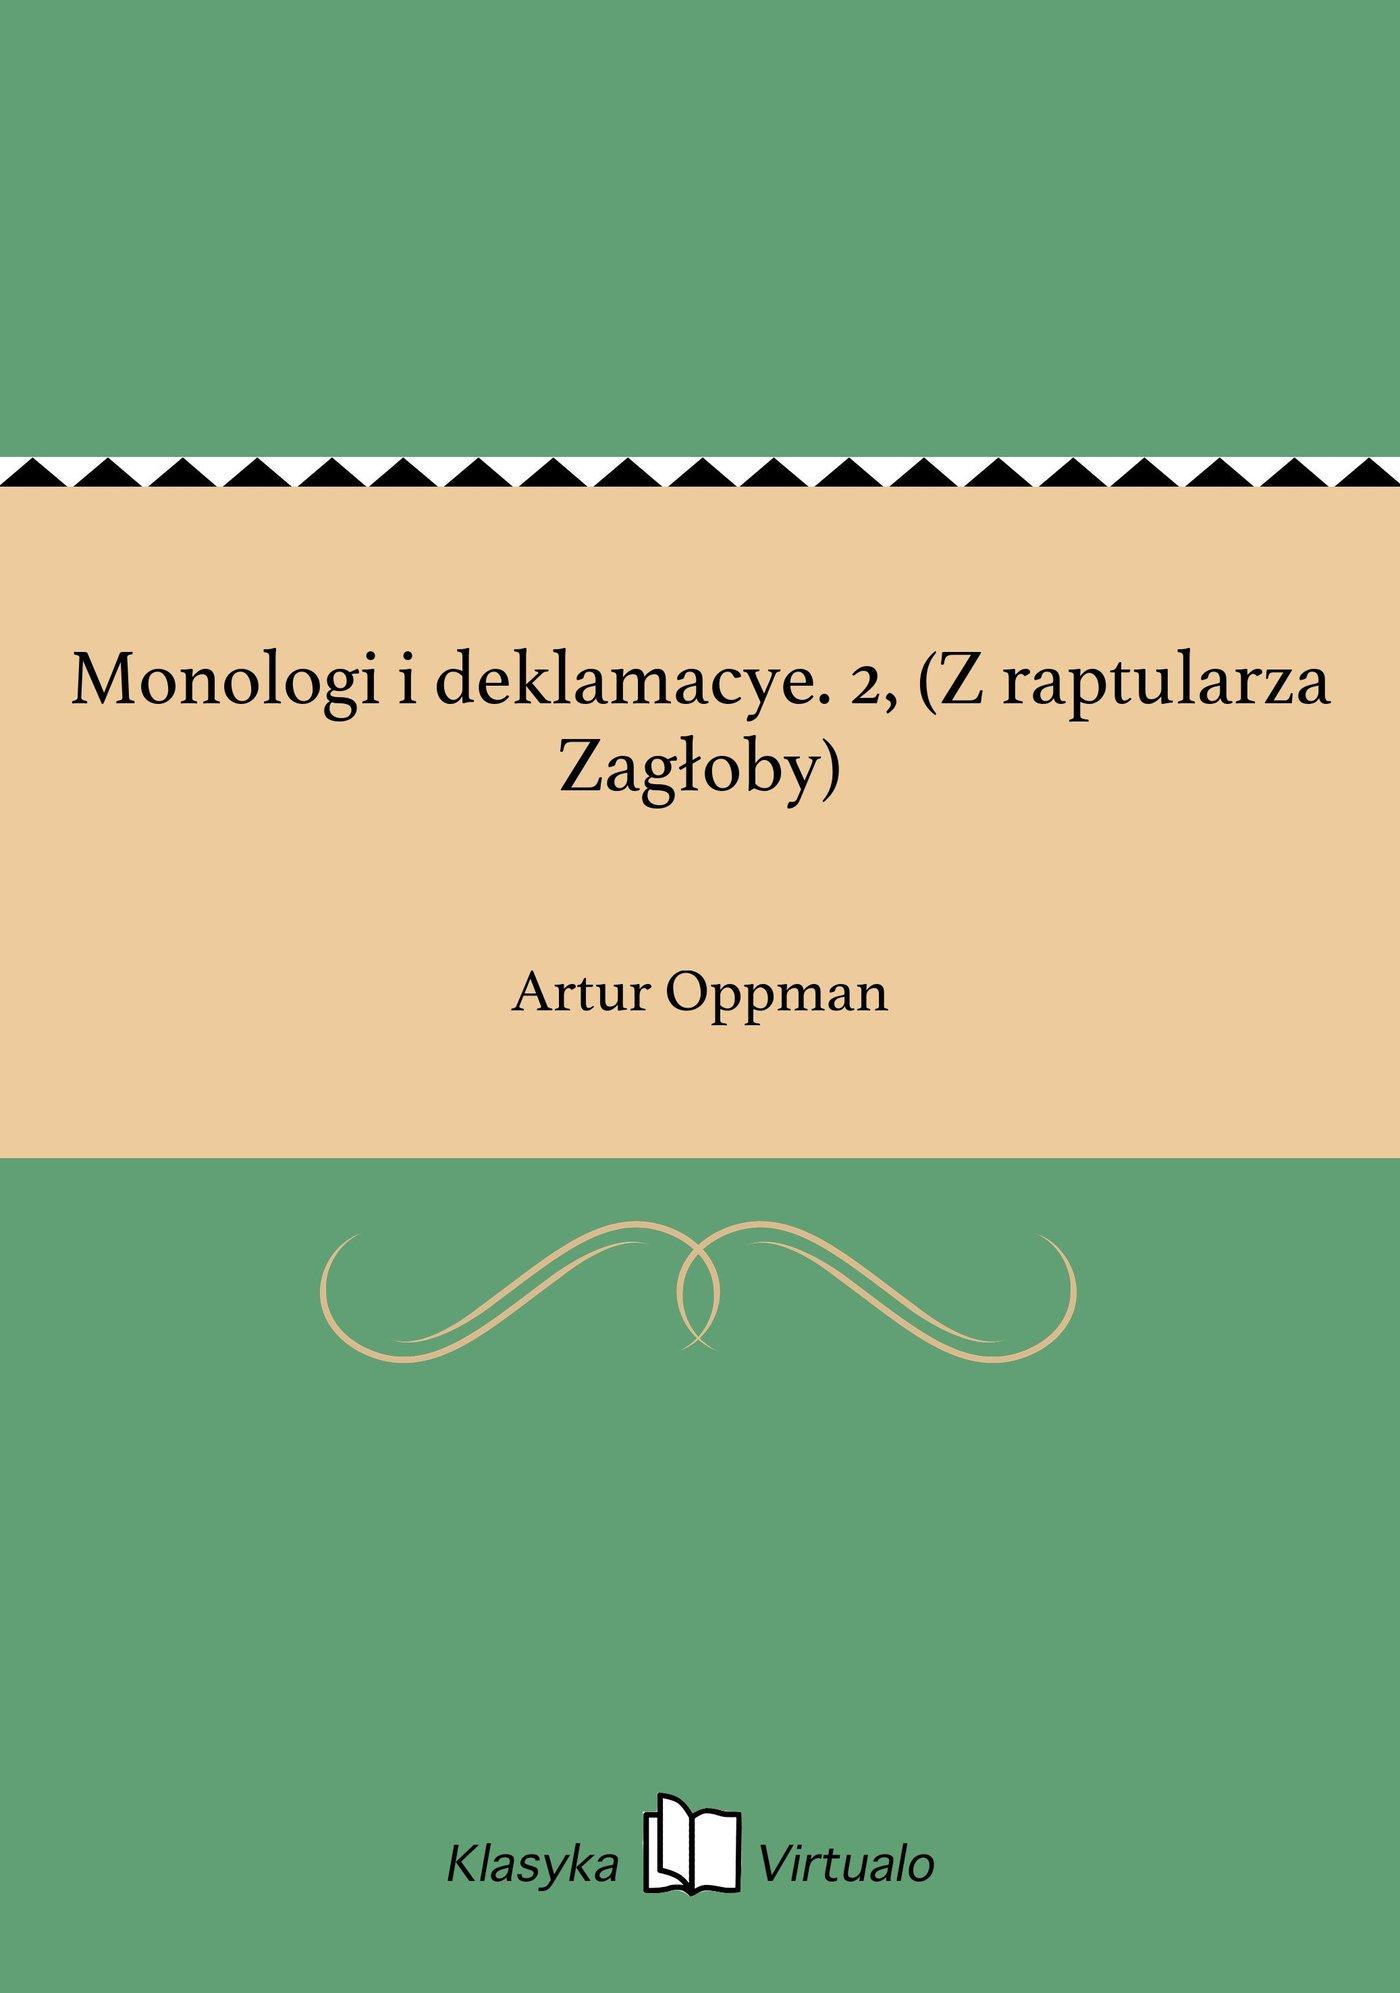 Monologi i deklamacye. 2, (Z raptularza Zagłoby) - Ebook (Książka na Kindle) do pobrania w formacie MOBI